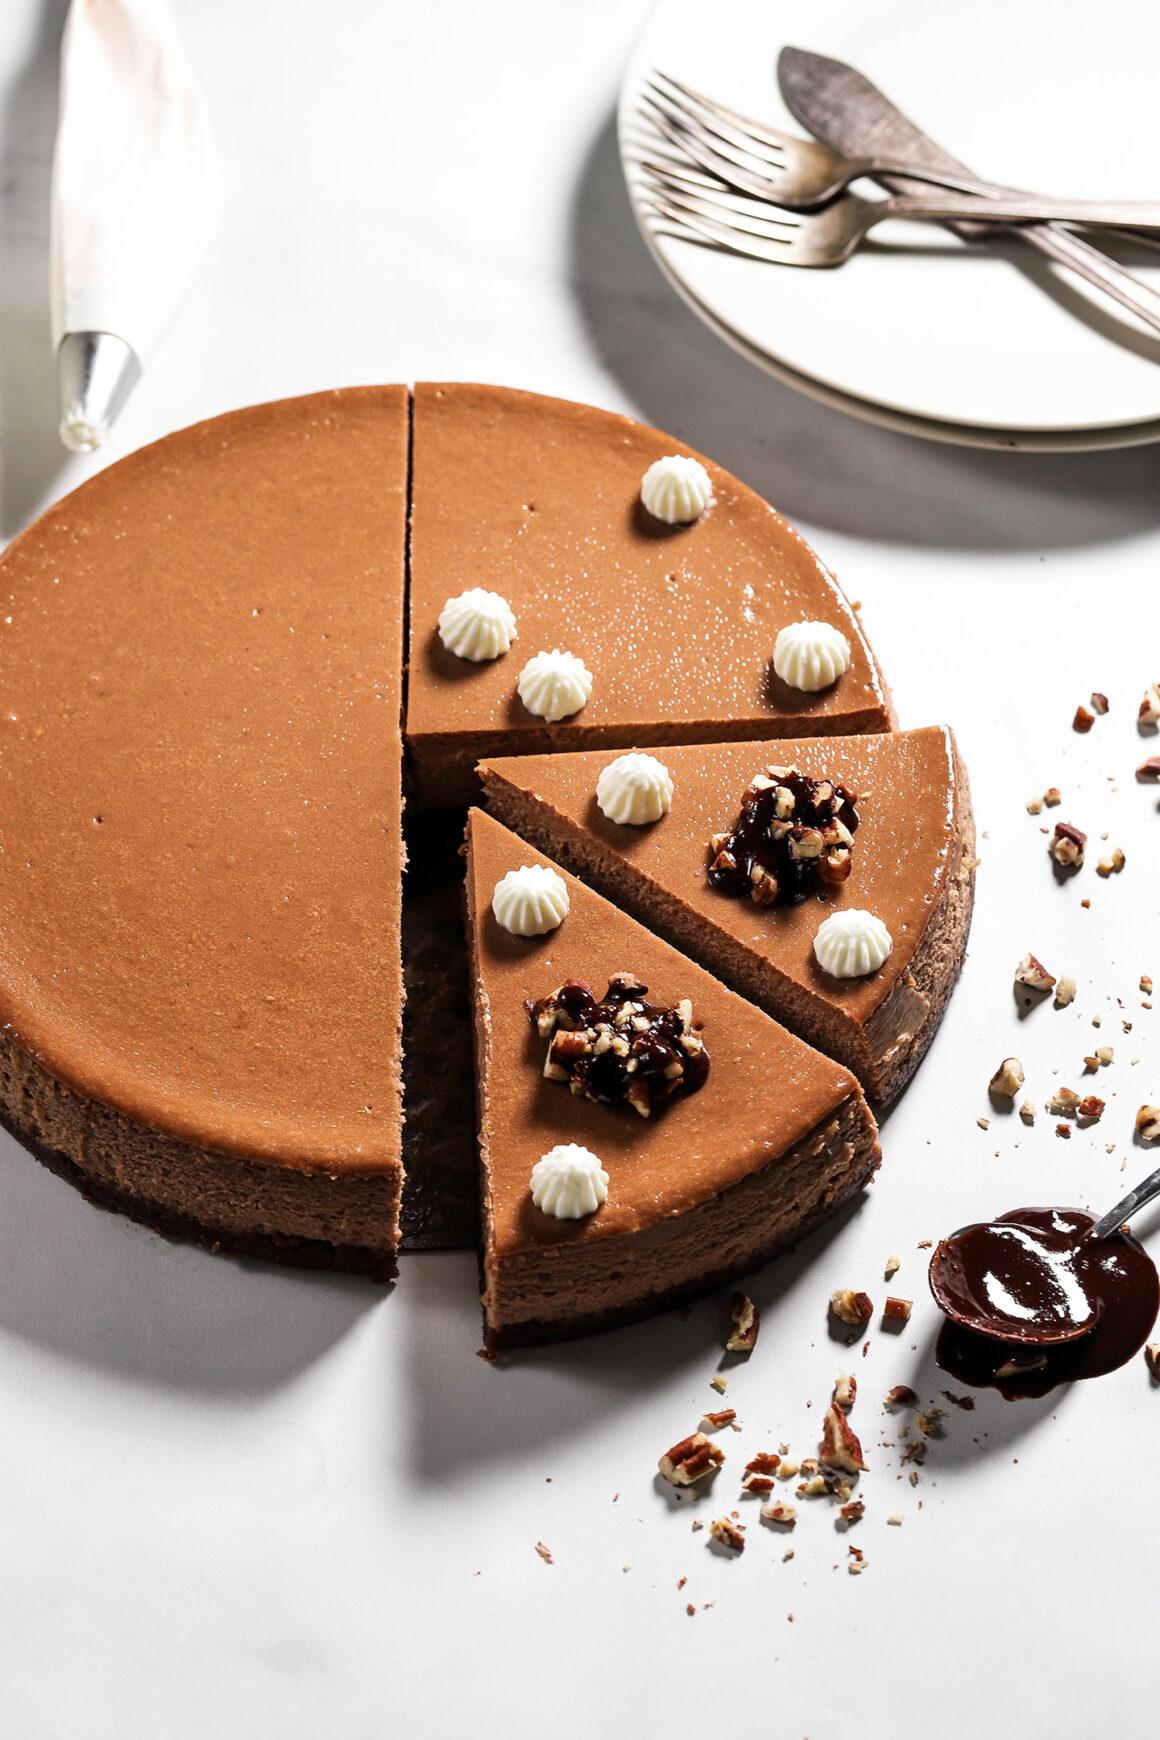 Mocha Cheesecake Garnish